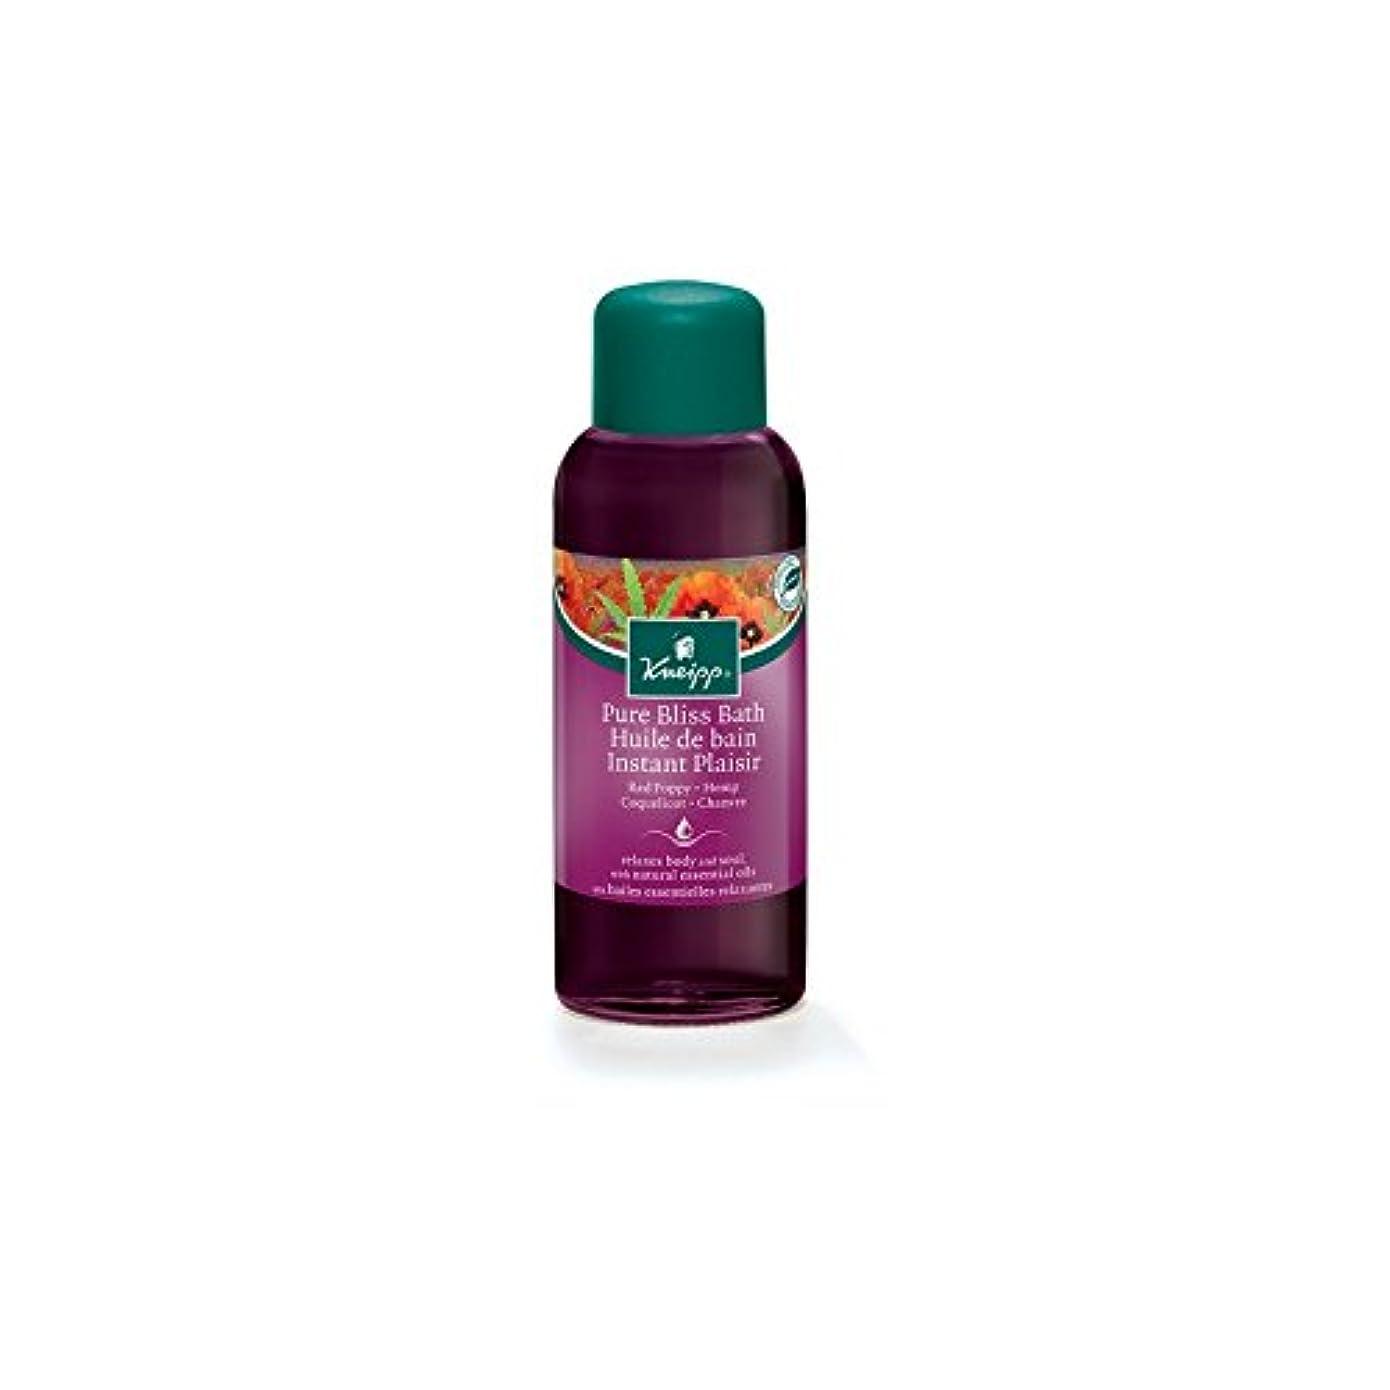 混乱した成功使用法Kneipp Pure Bliss Herbal Red Poppy and Hemp Bath Oil (100ml) (Pack of 6) - クナイプ純粋な至福ハーブの赤いケシと麻バスオイル(100ミリリットル) x6 [並行輸入品]